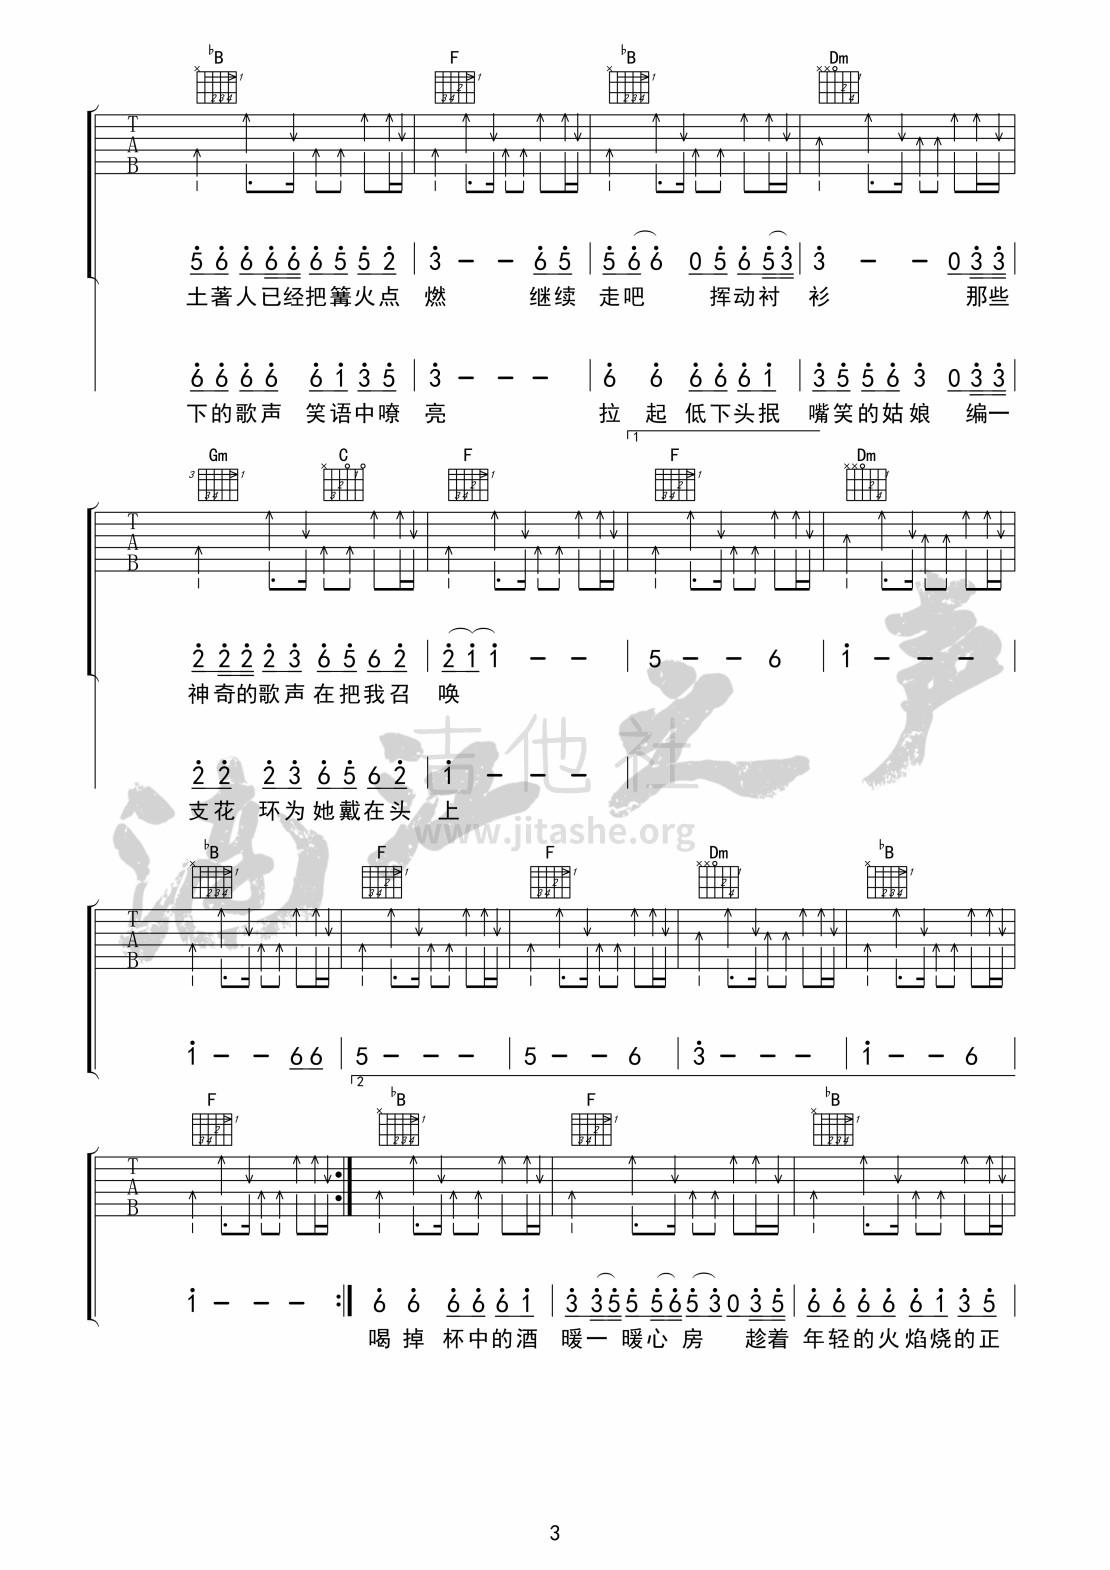 打印:彩虹下面(西虹市首富》电影推广曲吉他谱首发)吉他谱_赵雷(雷子)_彩虹下面 吉他谱03.jpg